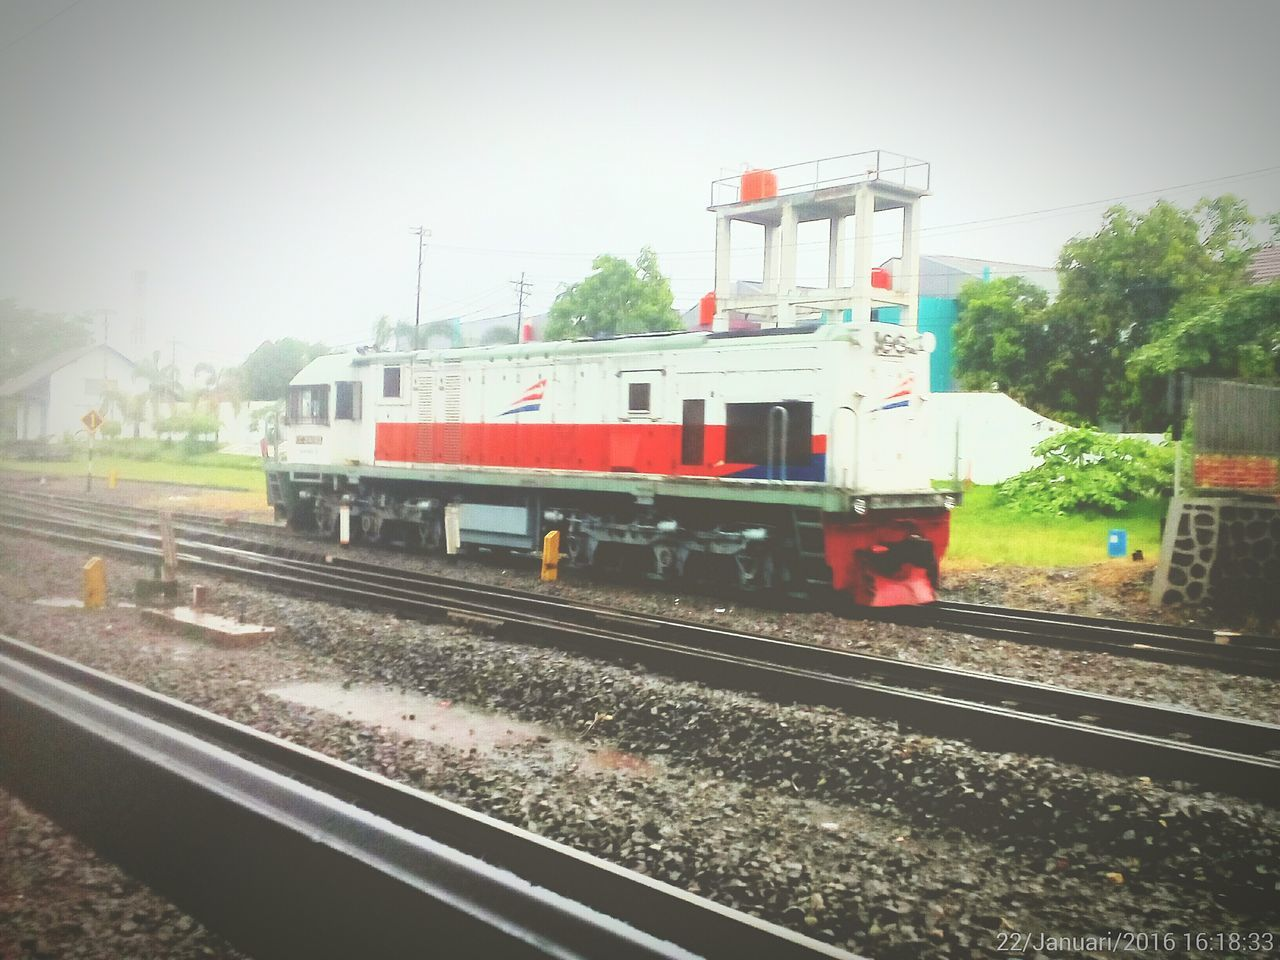 Everything In Its Place Cc204 Lempuyanganstation Alone Cc 204 03 03 Yogyakarta Loco Sheld Trainphotography Indonesiarailways